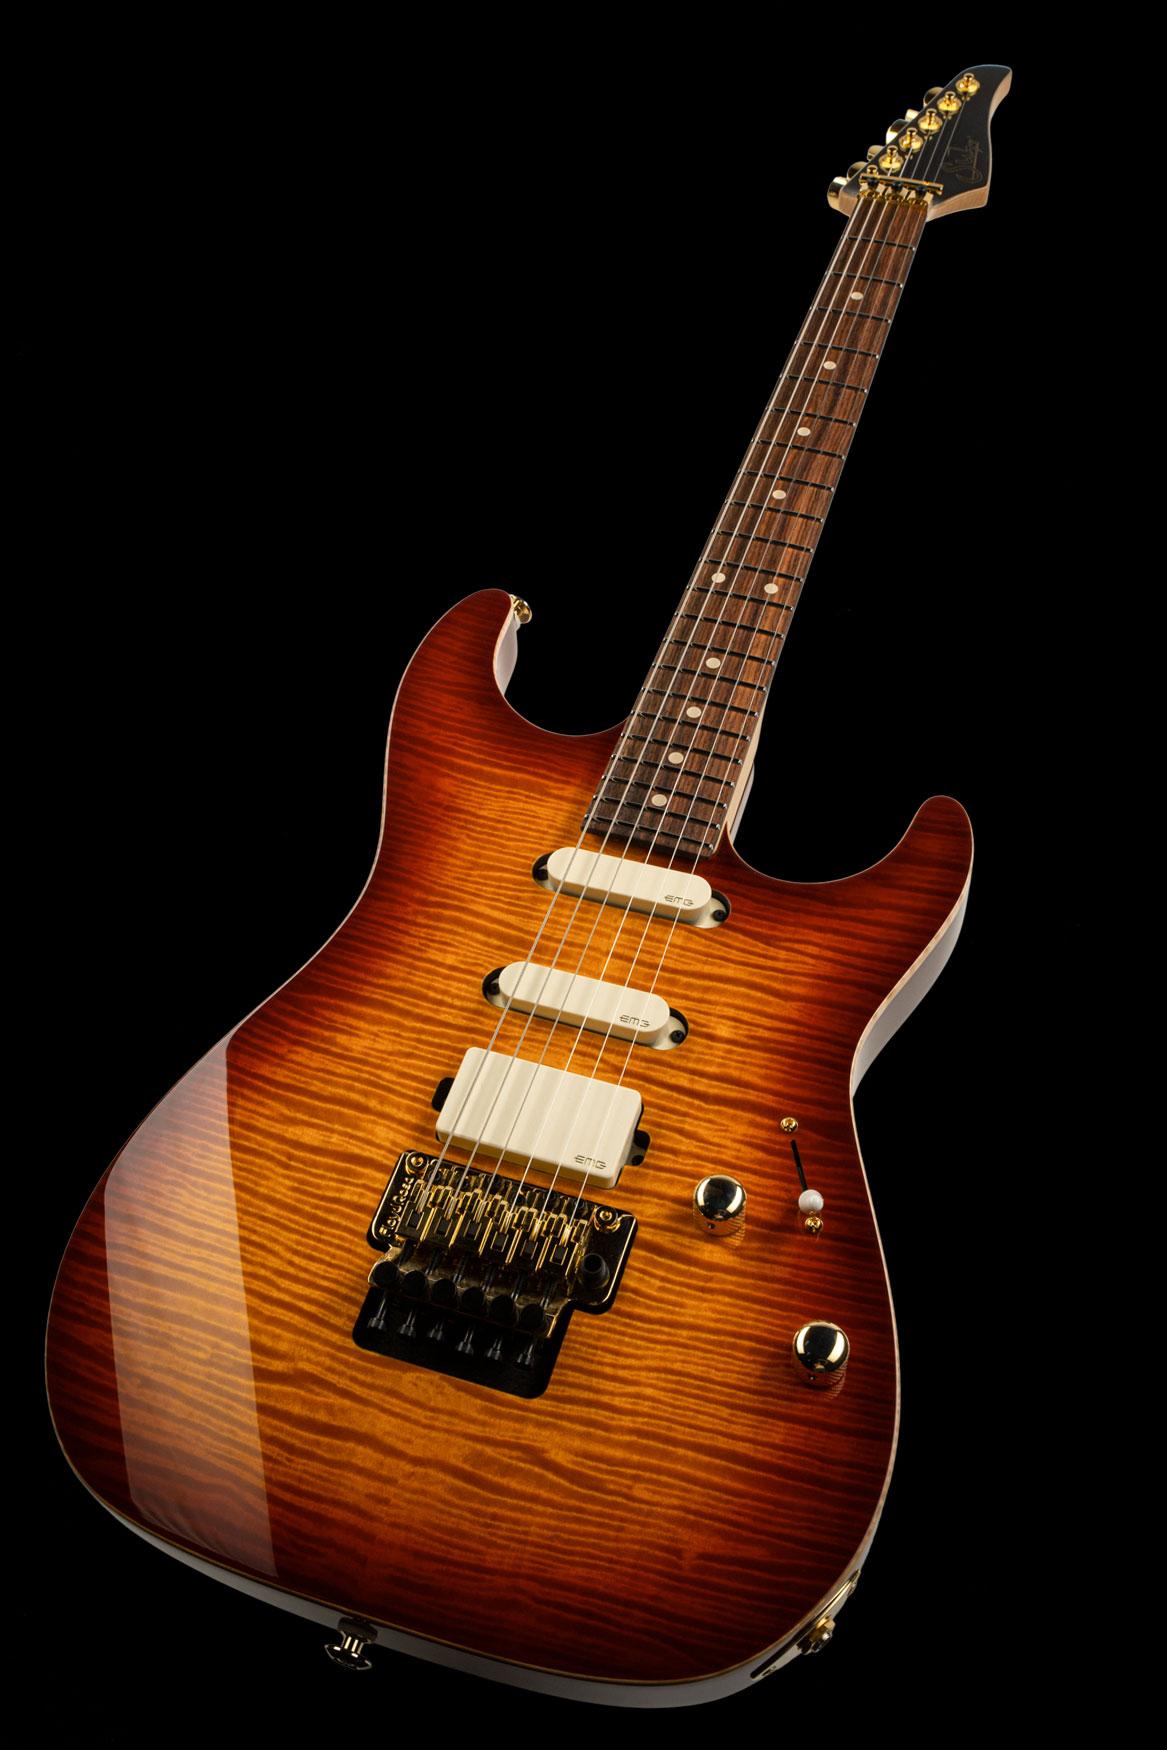 01-LTD-0030: Standard Legacy, Aged Cherry Burst, Original Floyd Rose